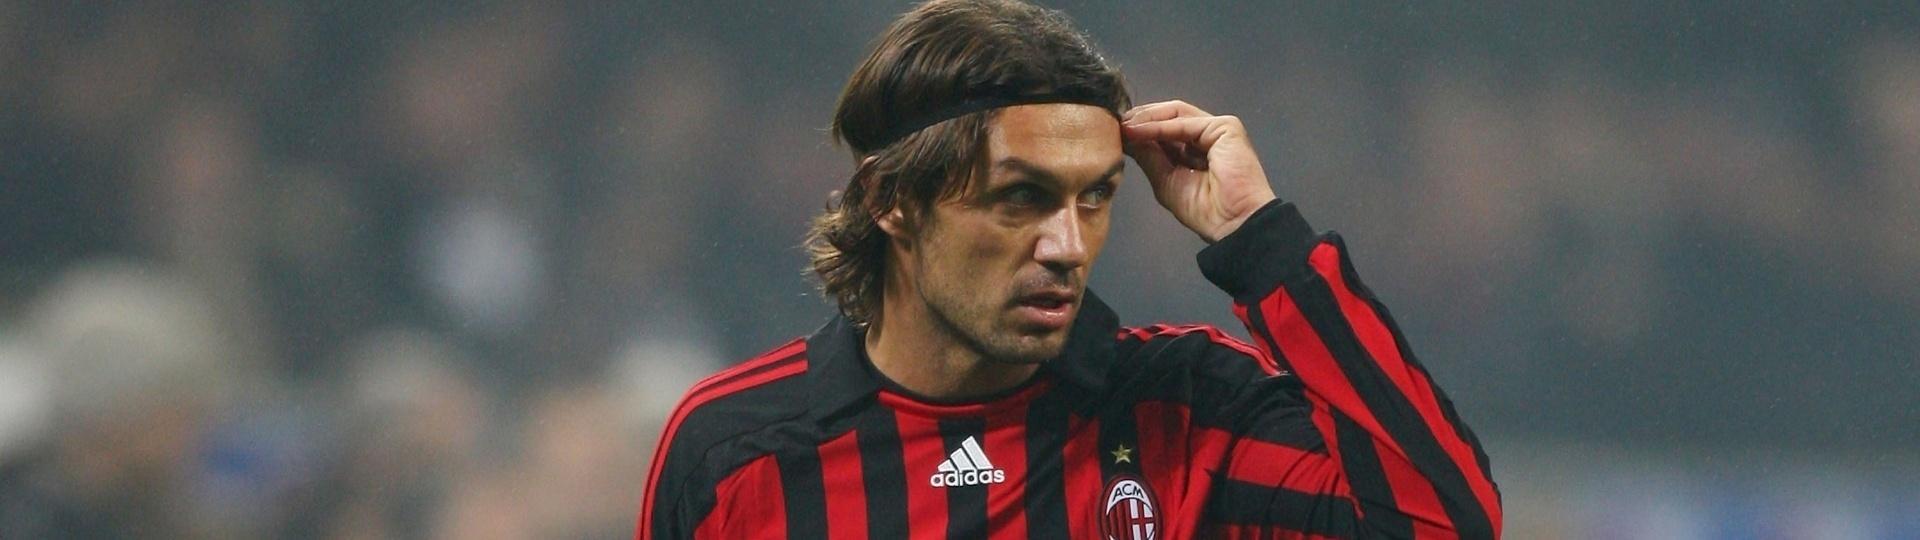 Paolo Maldini foi ídolo do Milan